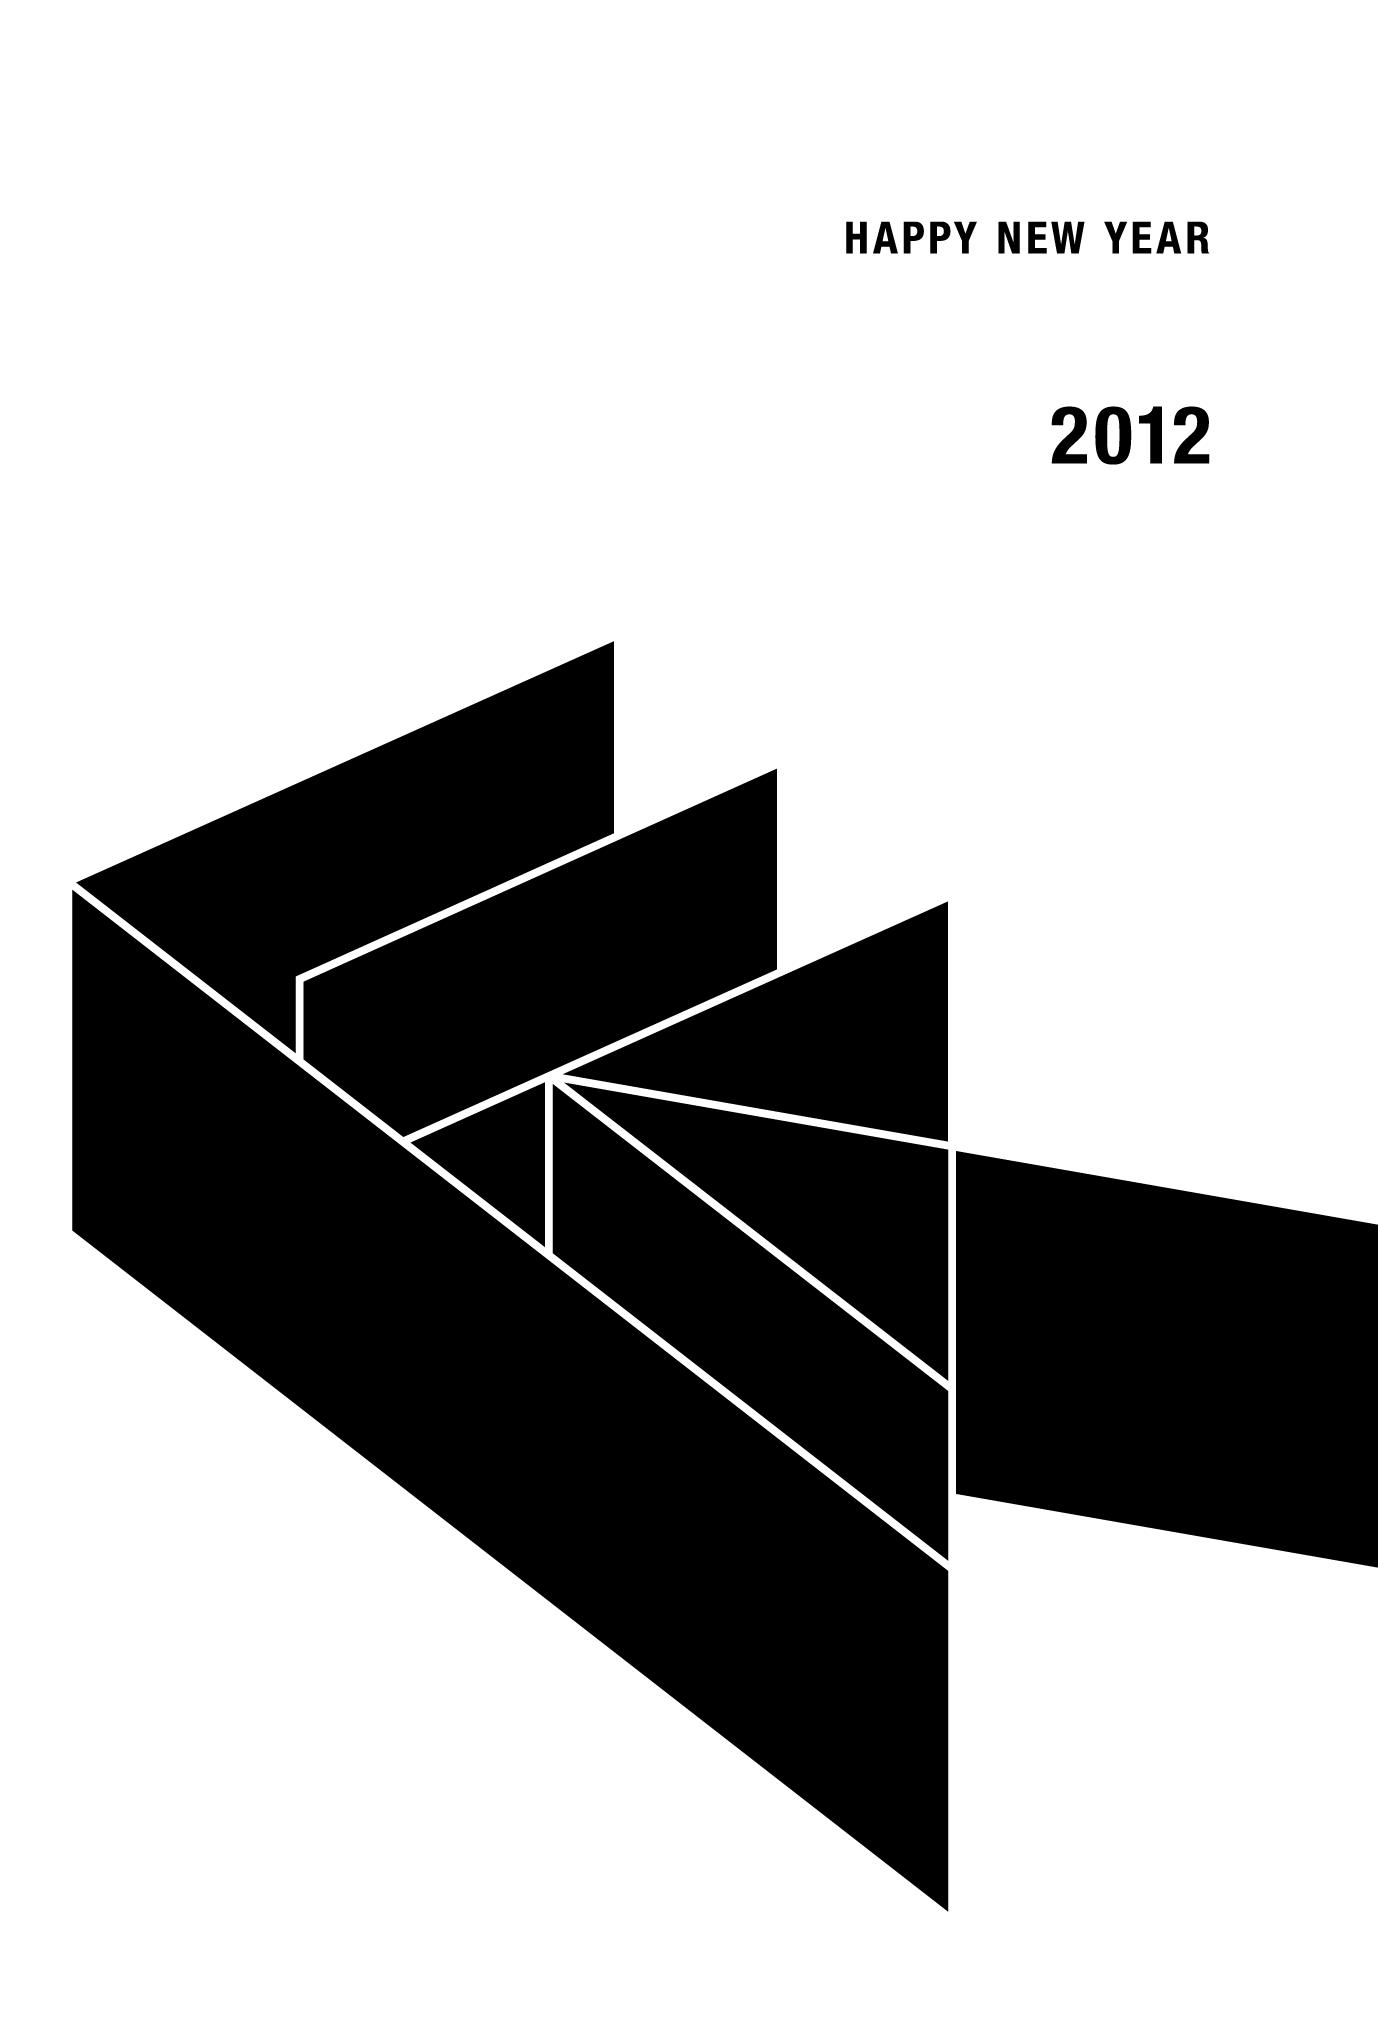 2012年賀状29:辰 2012のダウンロード画像